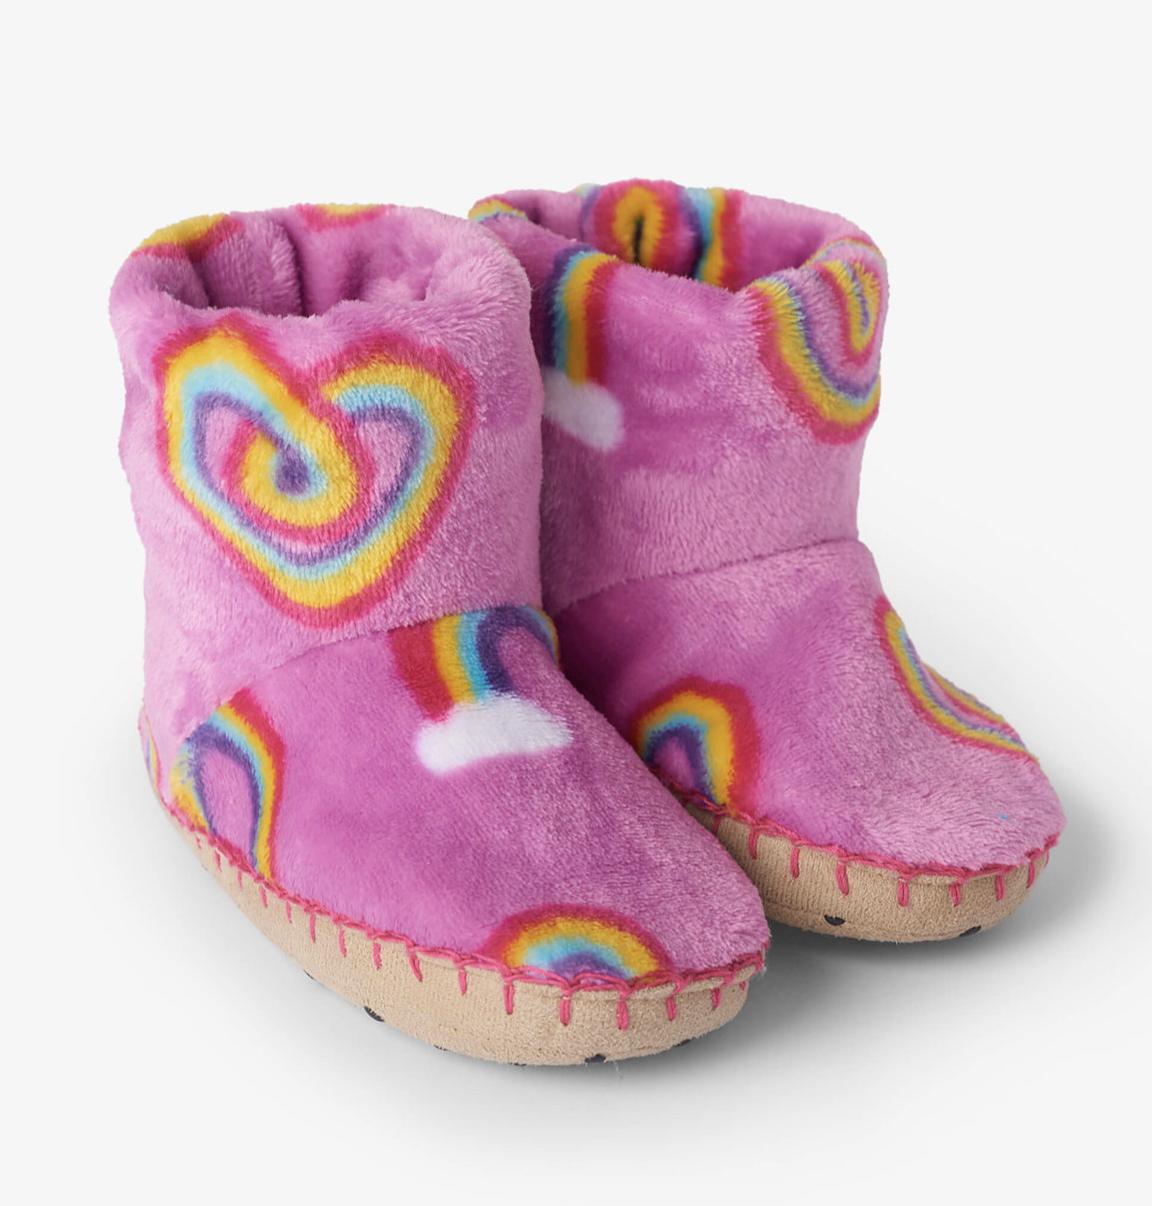 Twisty rainbow hearts fleece slippers